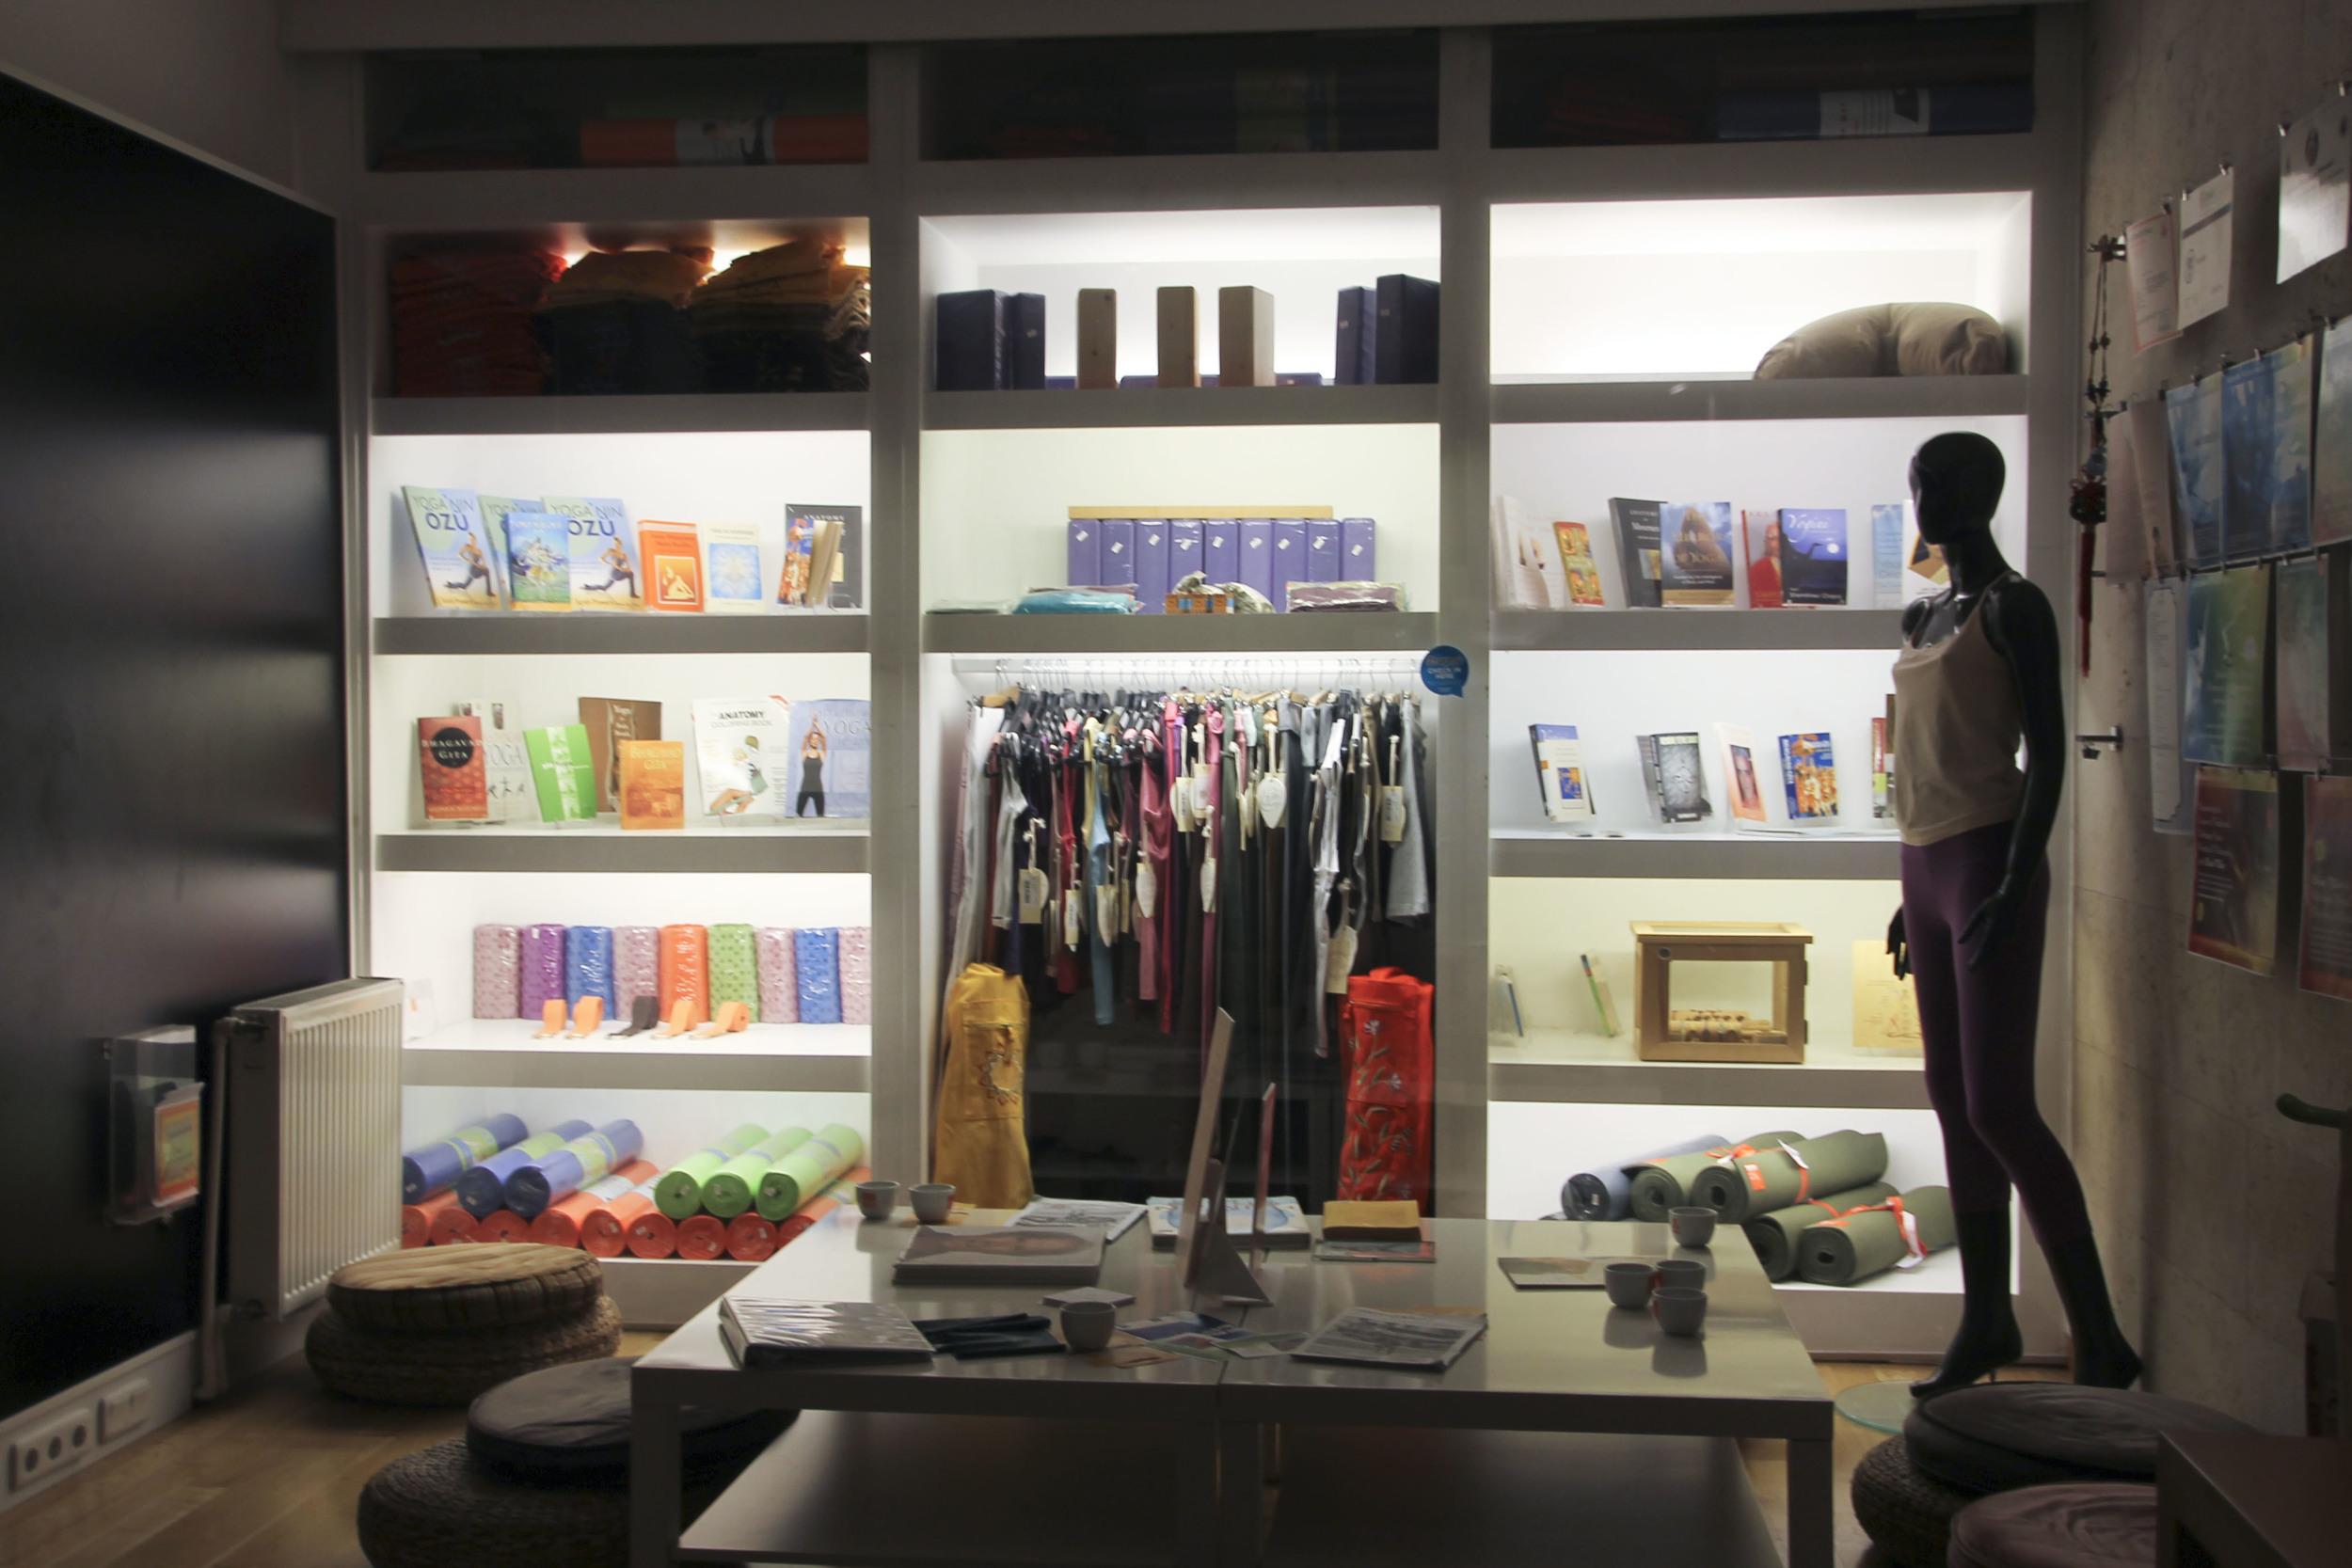 Yoga Studio_Yogasala NİŞANTAŞI, Istanbul3024.jpg